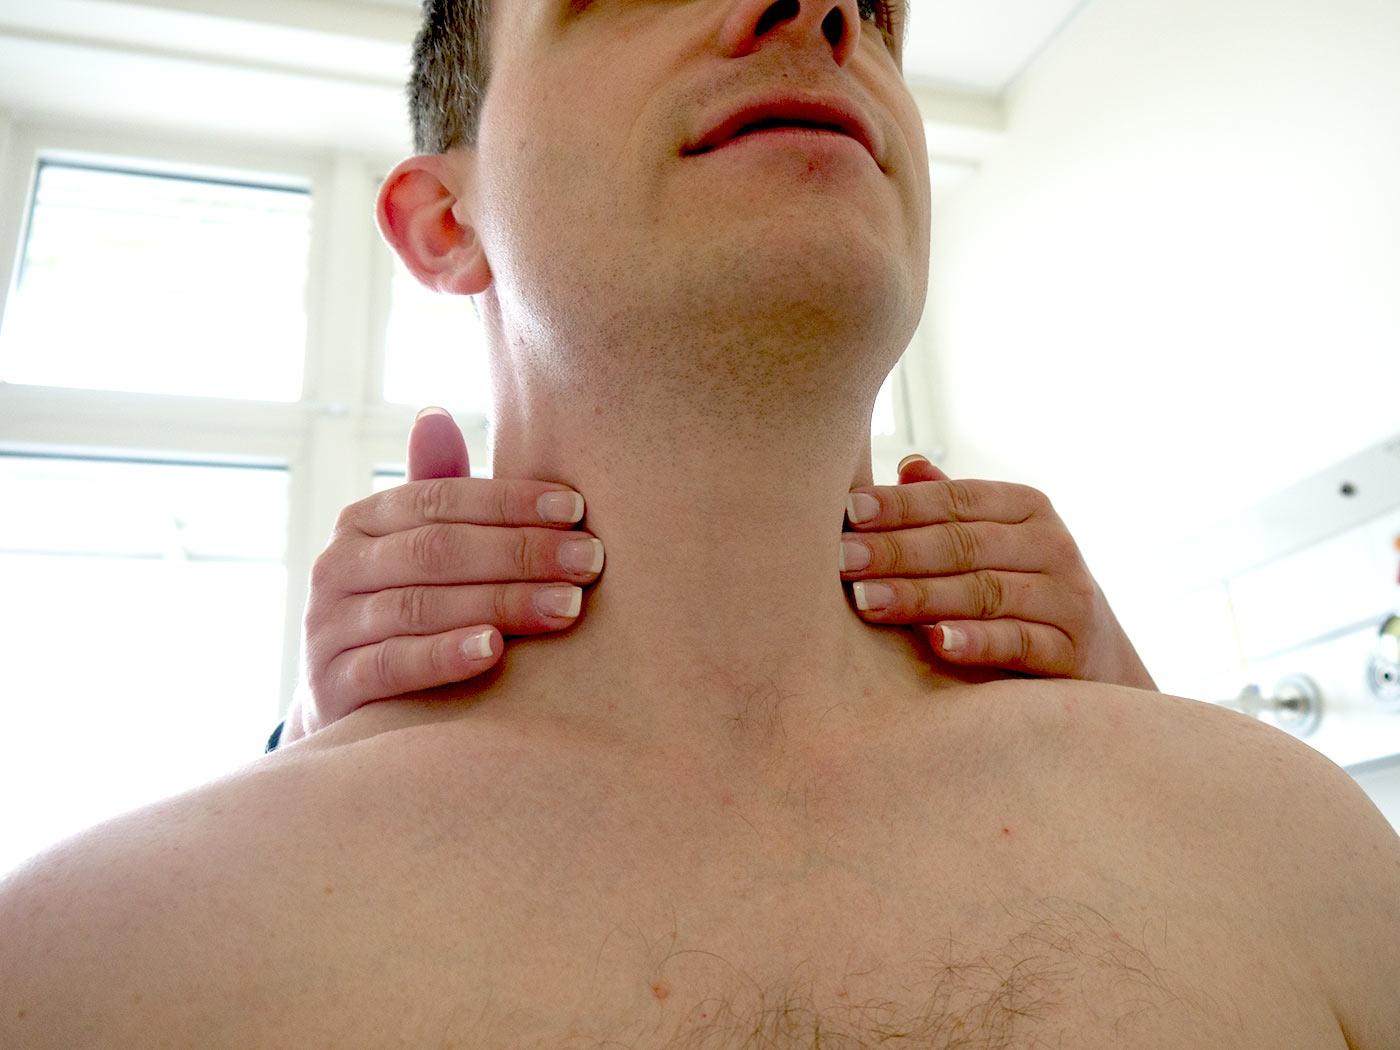 Palpate the cervical lymph nodes